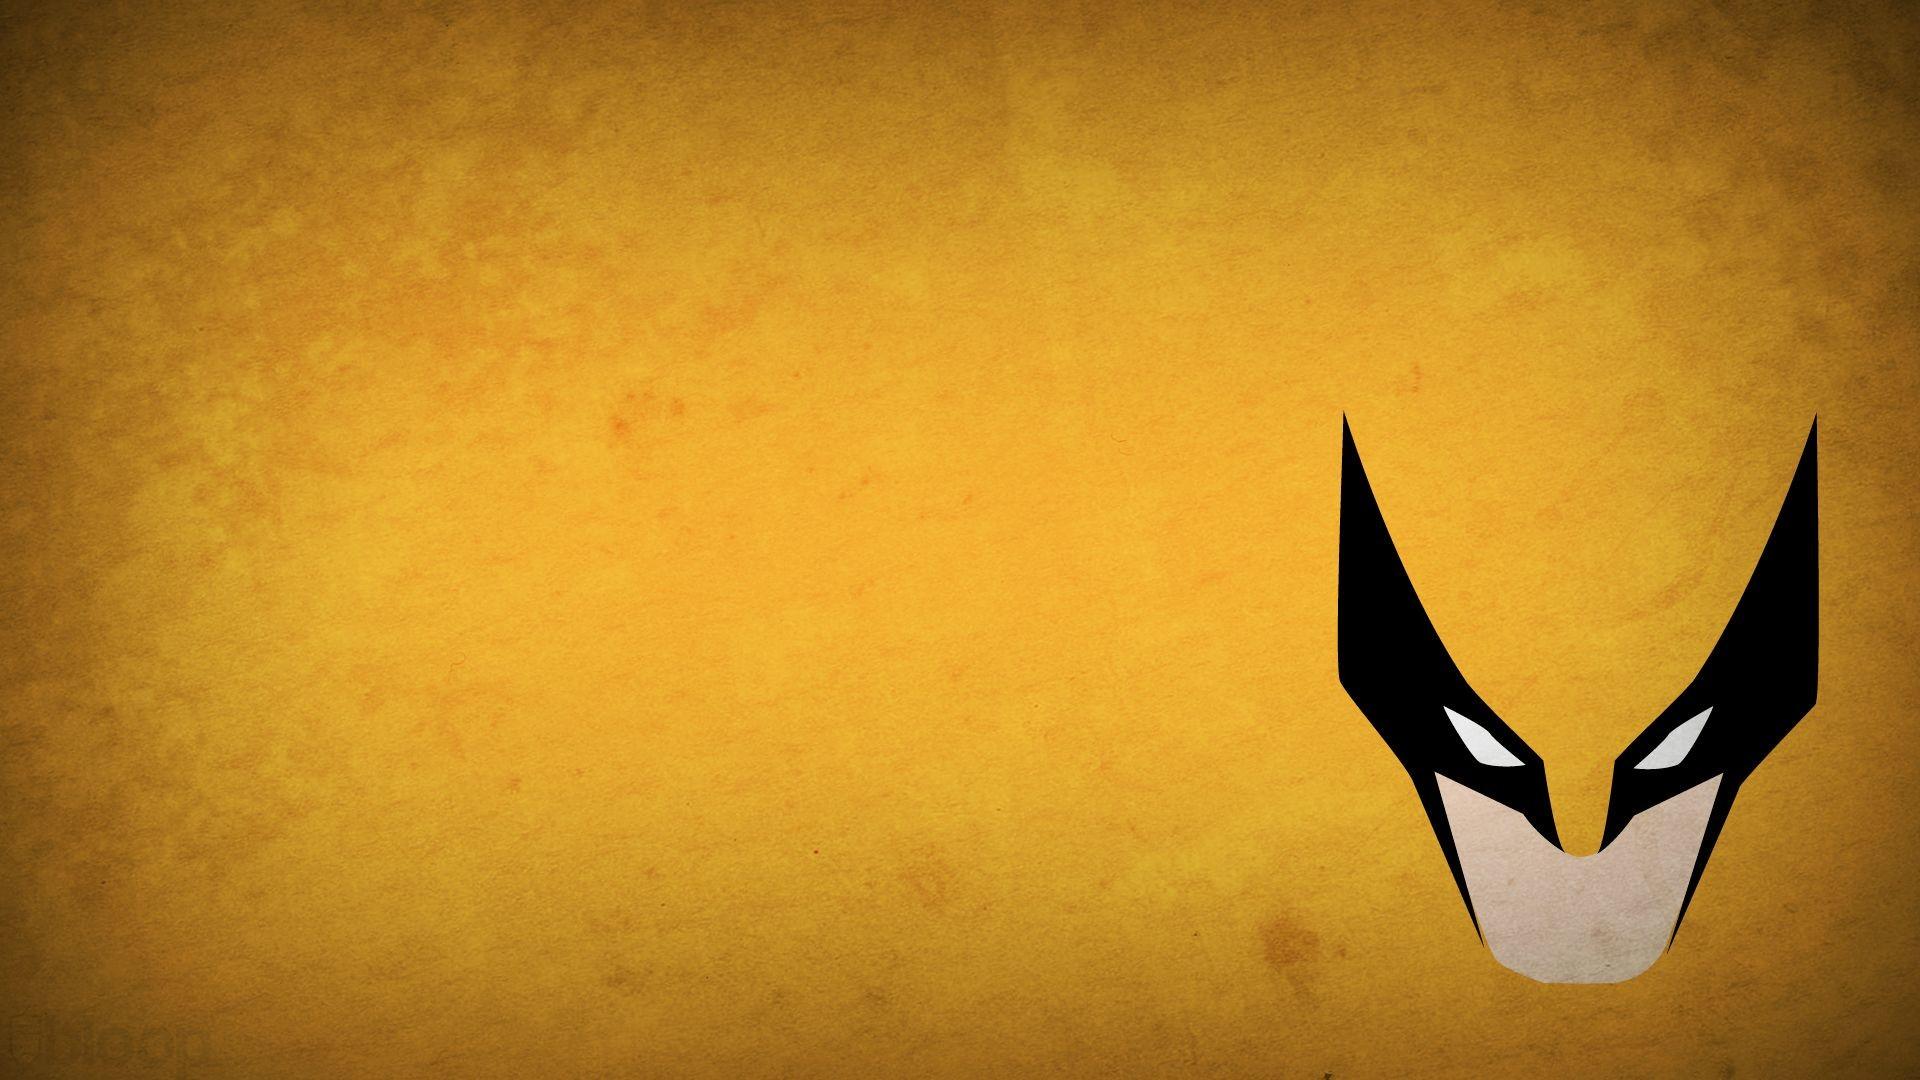 Venom Minimalist Wallpaper | Wallpapers | Pinterest | Venom, Minimalist  wallpaper and Superheroes